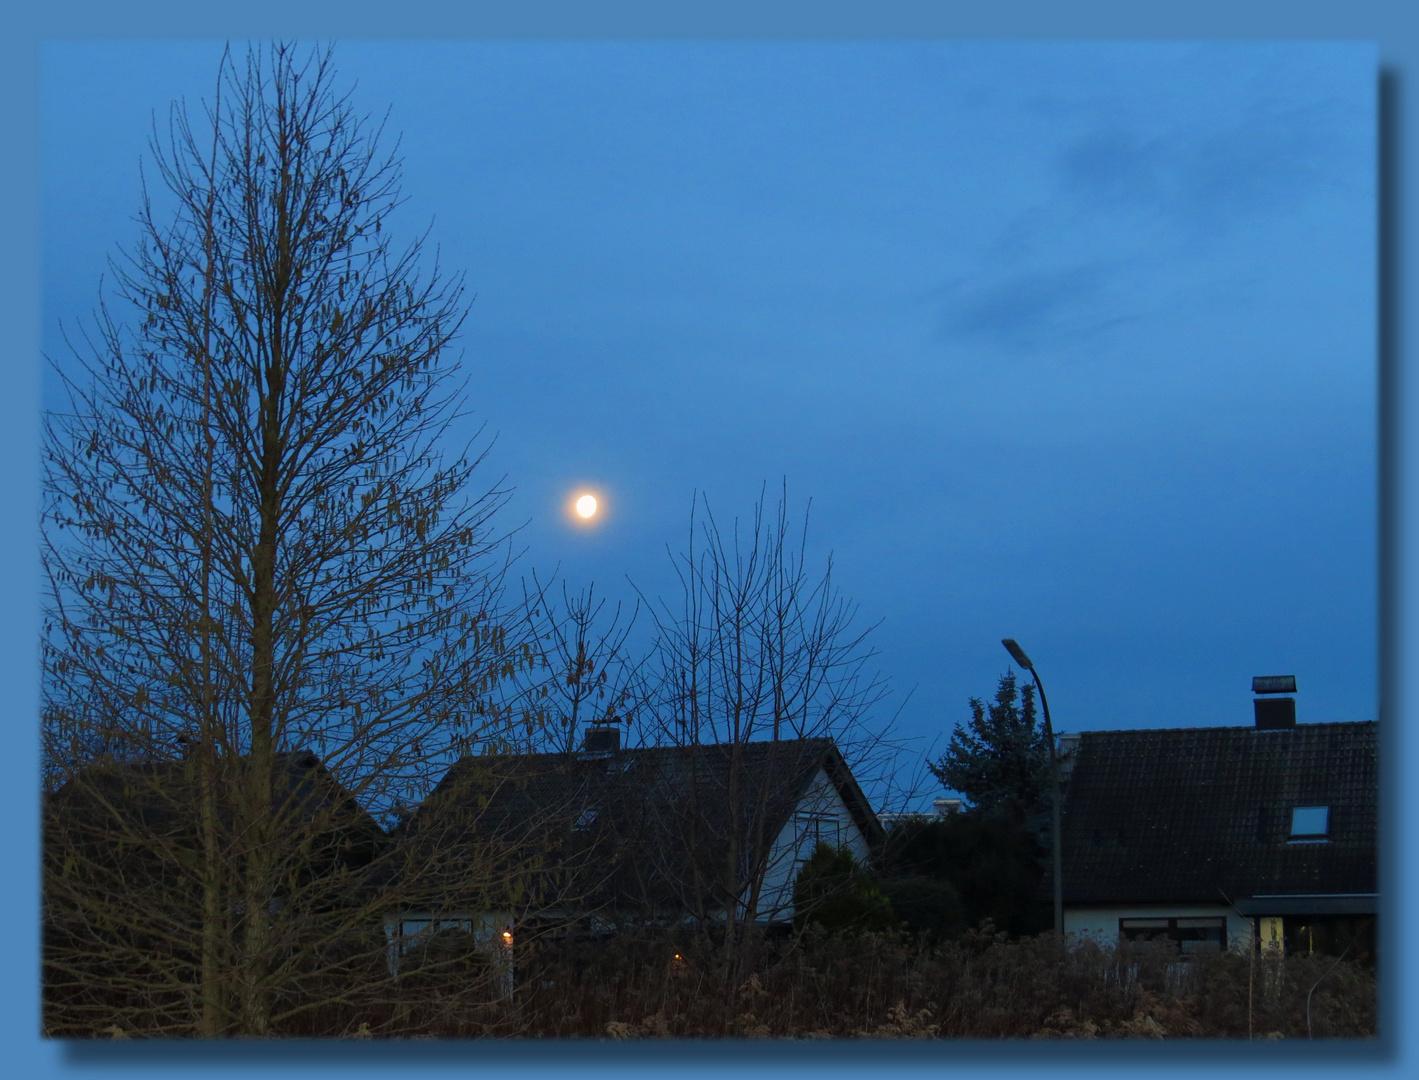 meine Wohnortrunde heute früh gedreht und bin 8 Uhr Mond begeget,